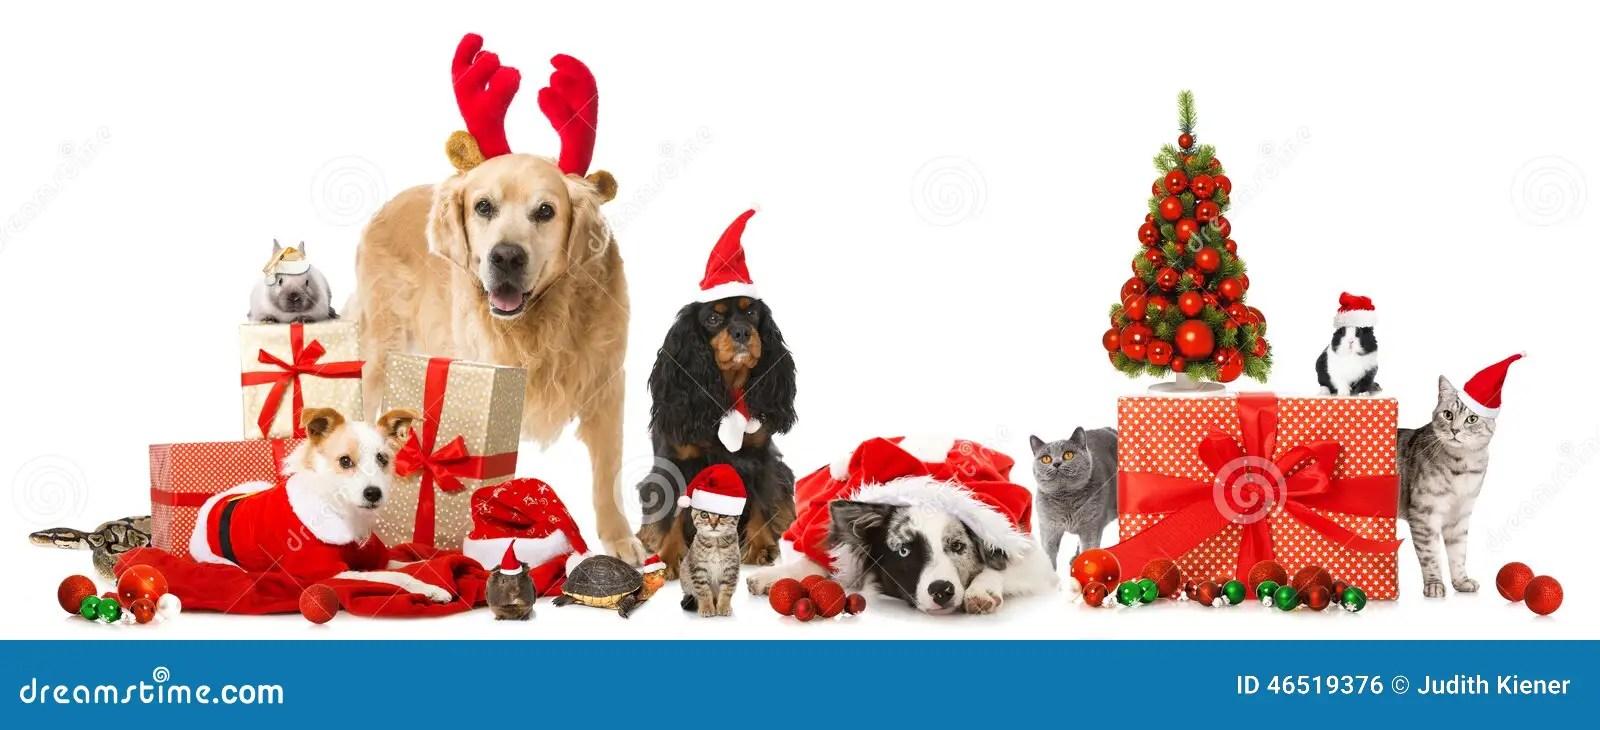 Christmas Pets Stock Photo Image 46519376